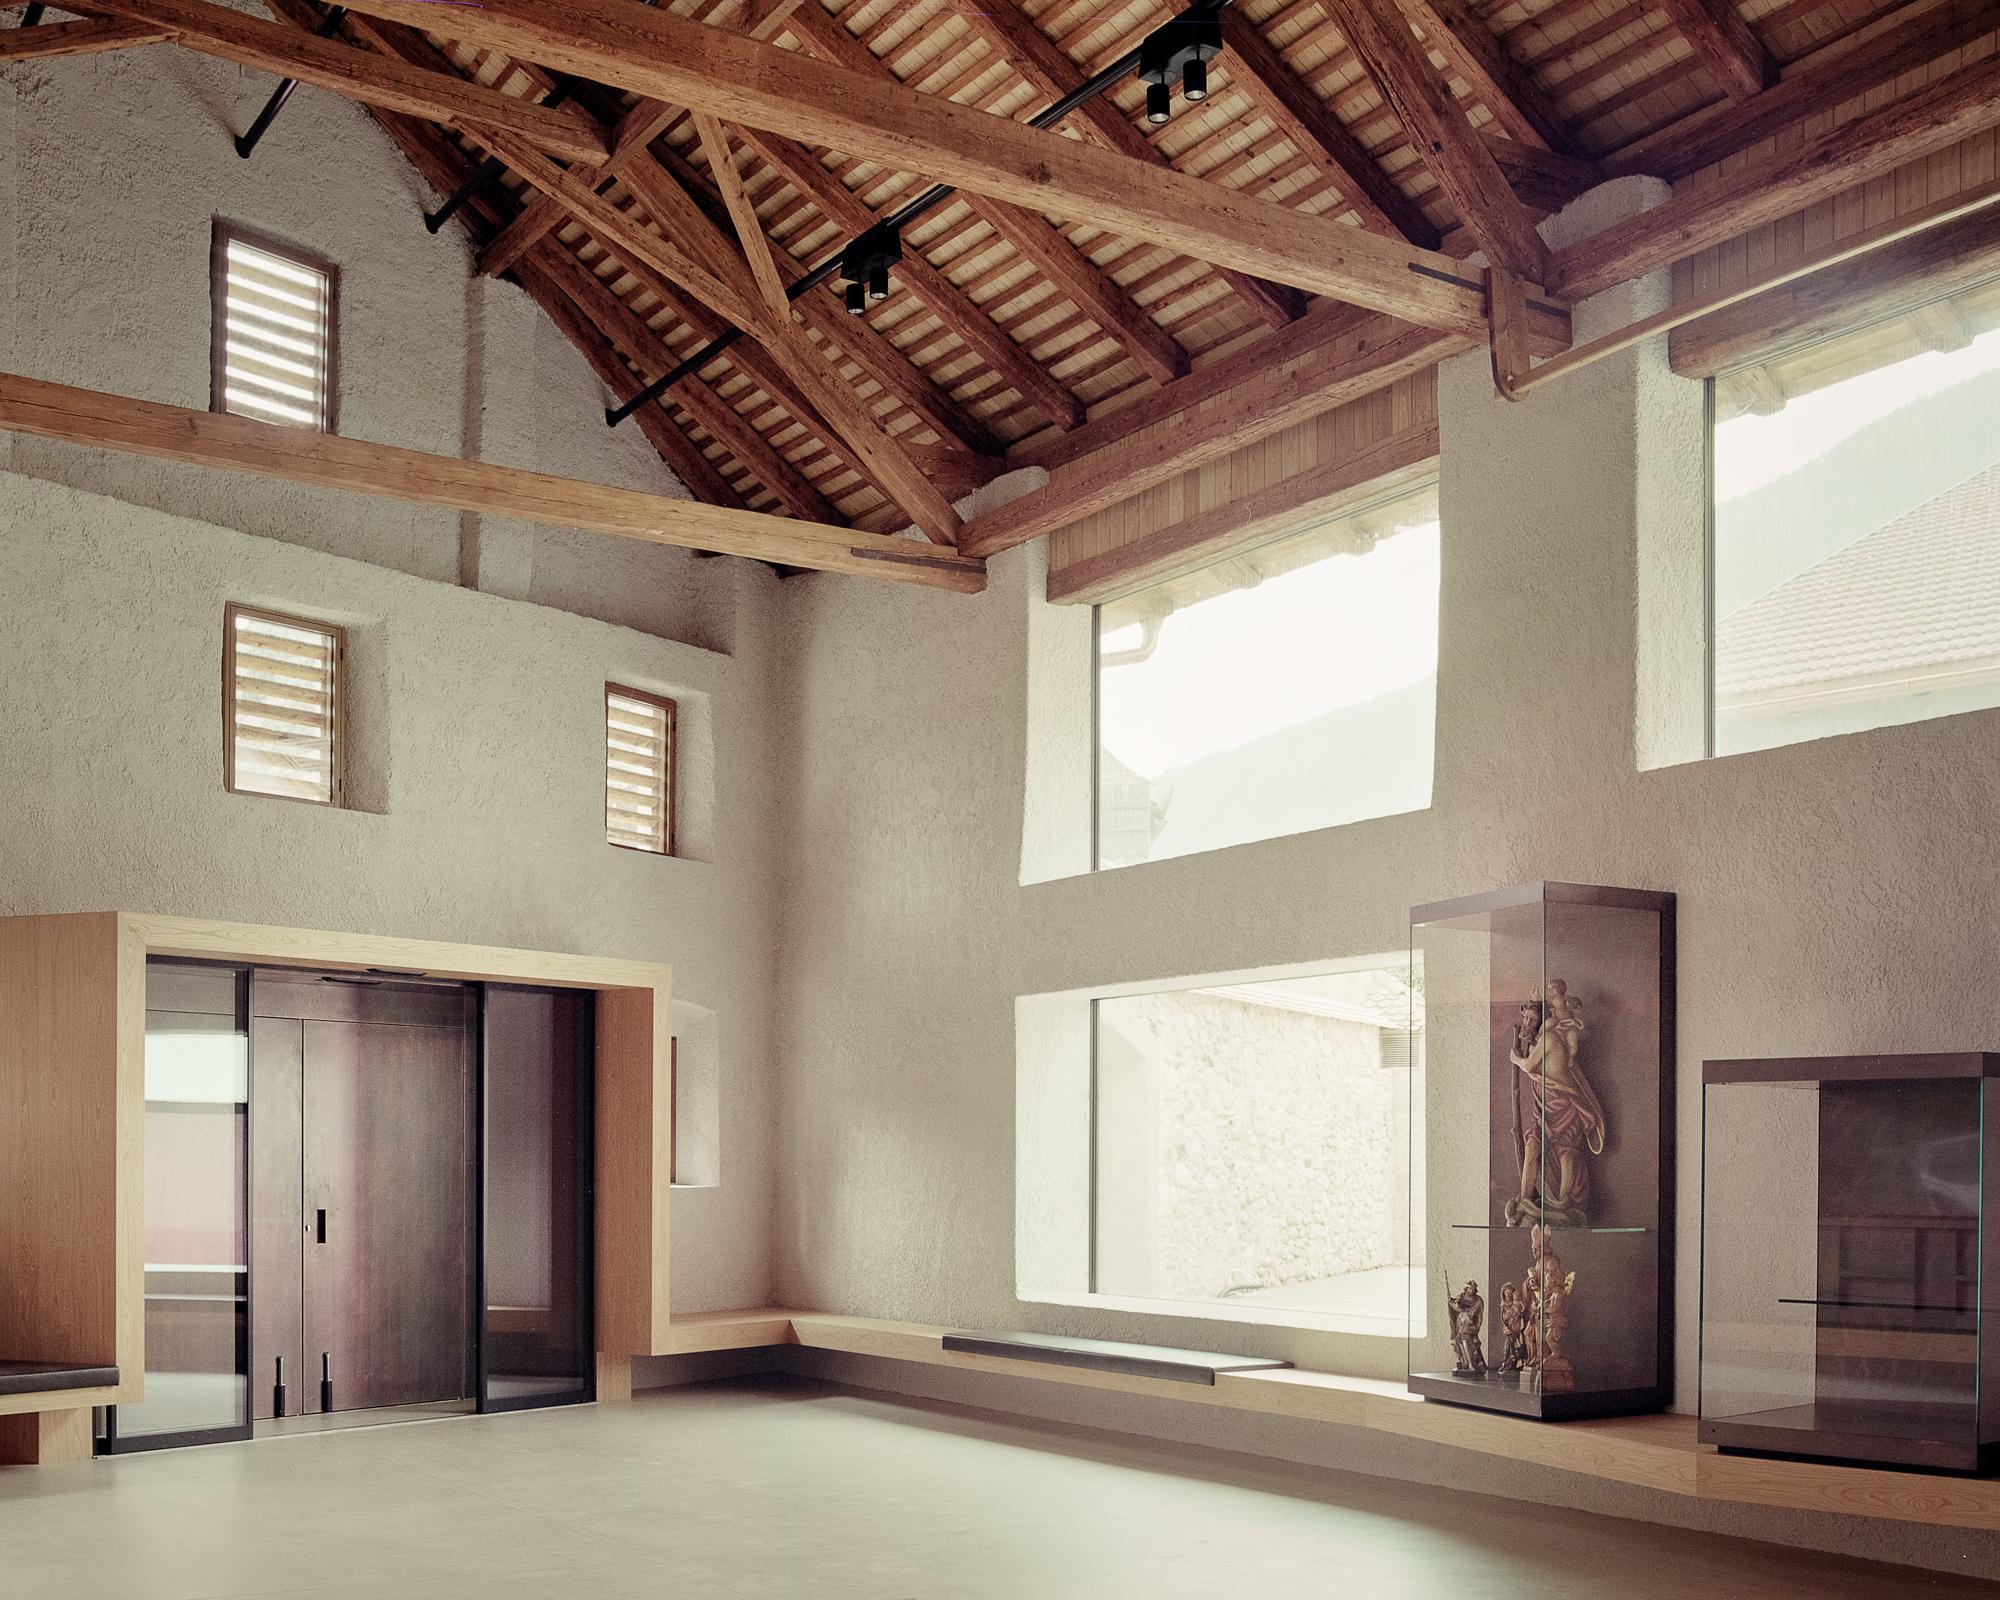 4_Novacella Abbey Museum Addition_MoDusArchitects ©Simone Bossi